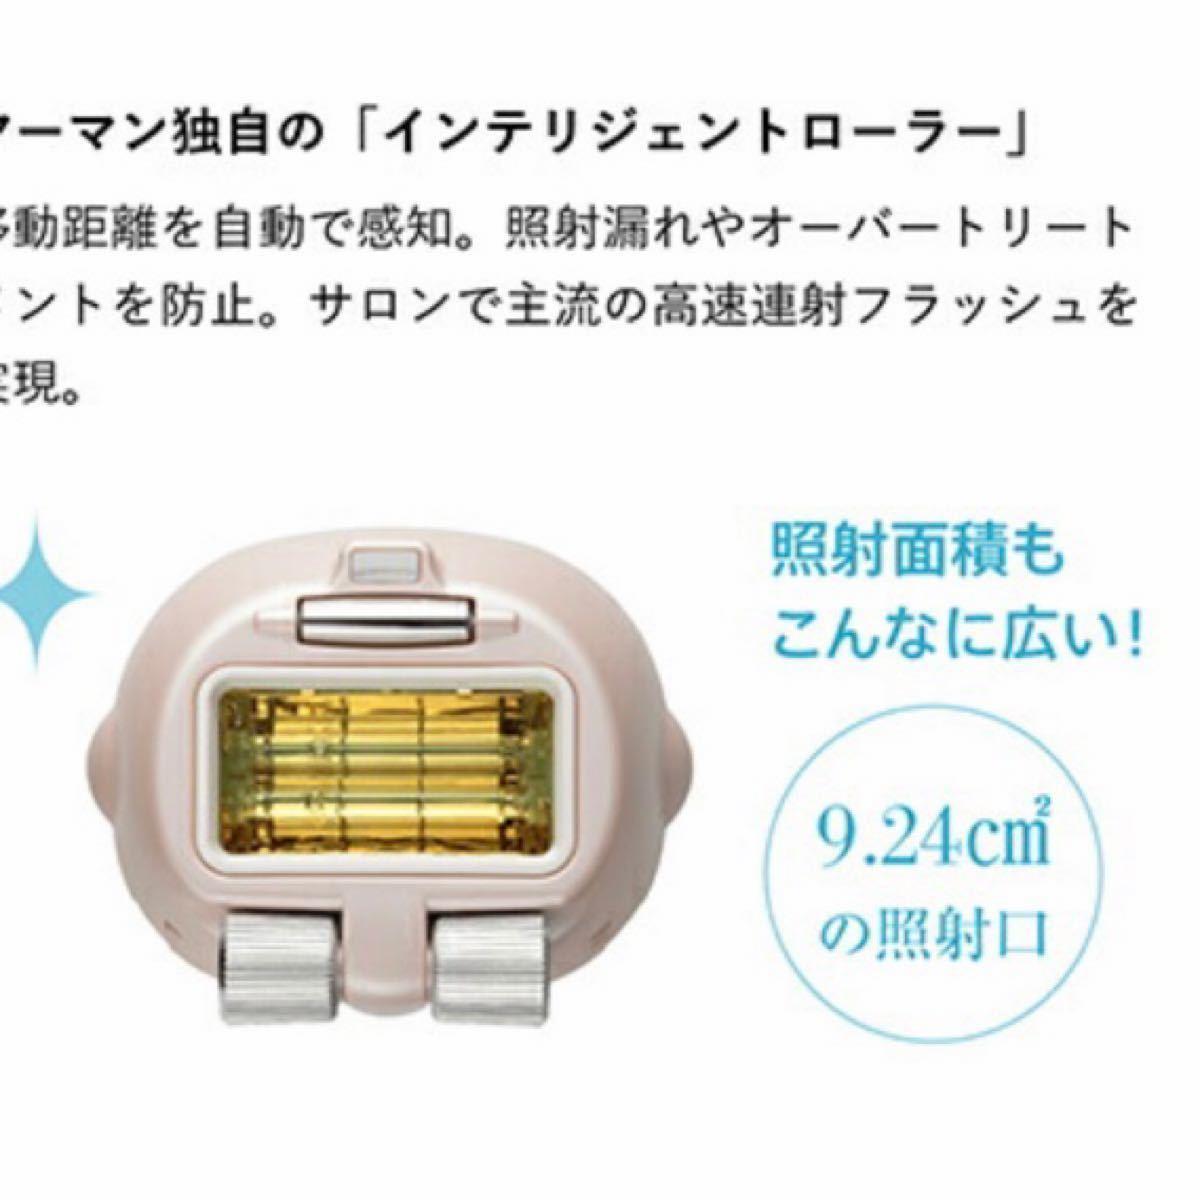 【新品・未使用】YA-MAN ヤーマン レイボーテ Rフラッシュ ダブルPLUS